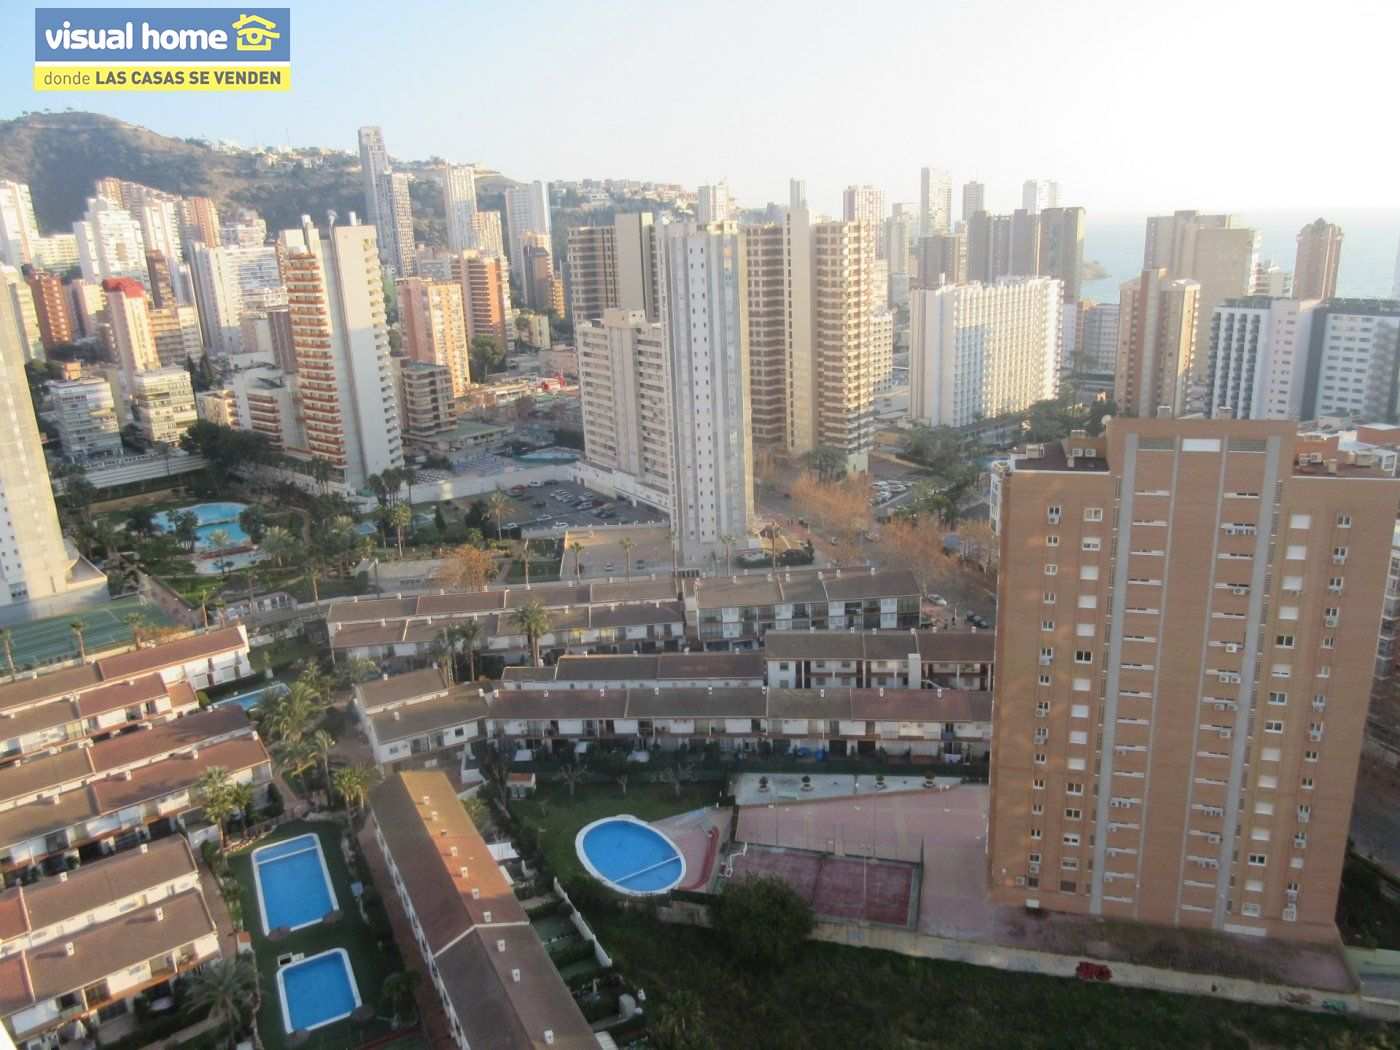 Apartamento 1 dormitorio con vistas espectaculares con parking y piscina en Rincón de Loix llano 25